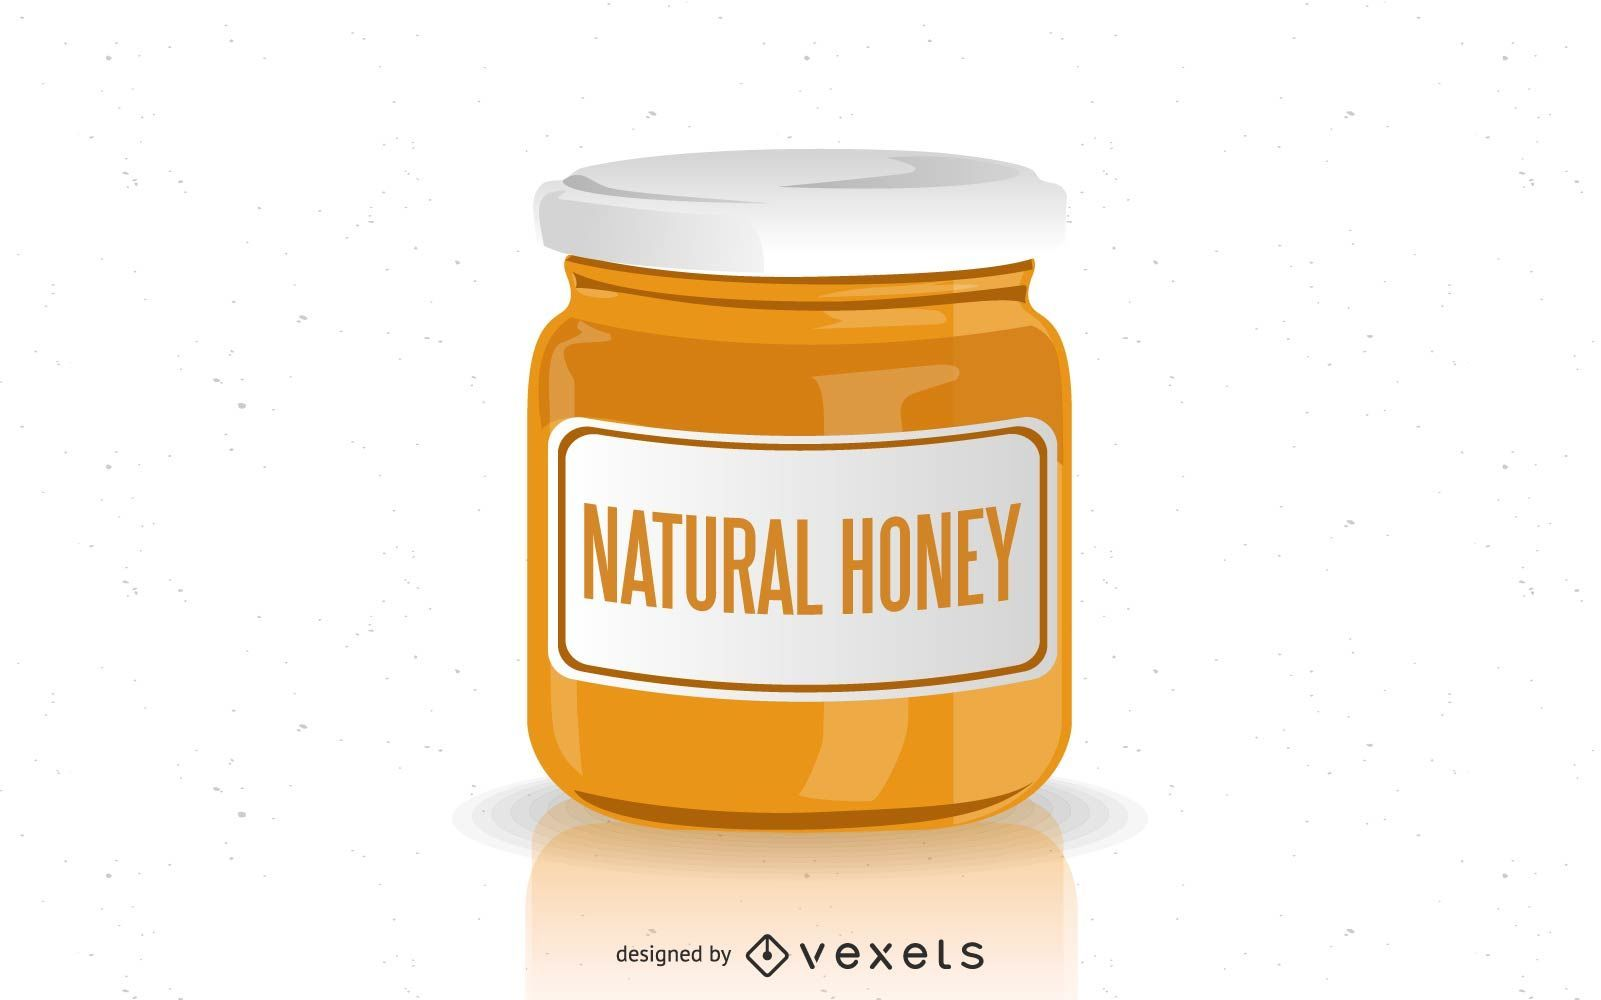 Diseño de tarro de miel natural